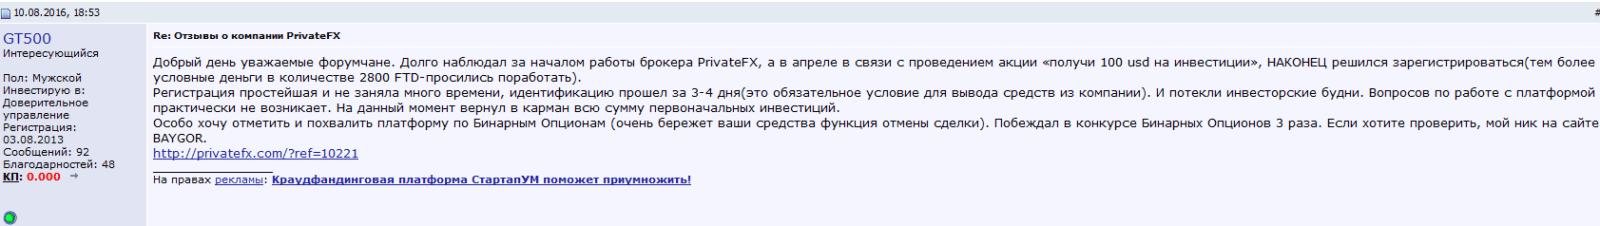 Отзыв клиента PrivateFX